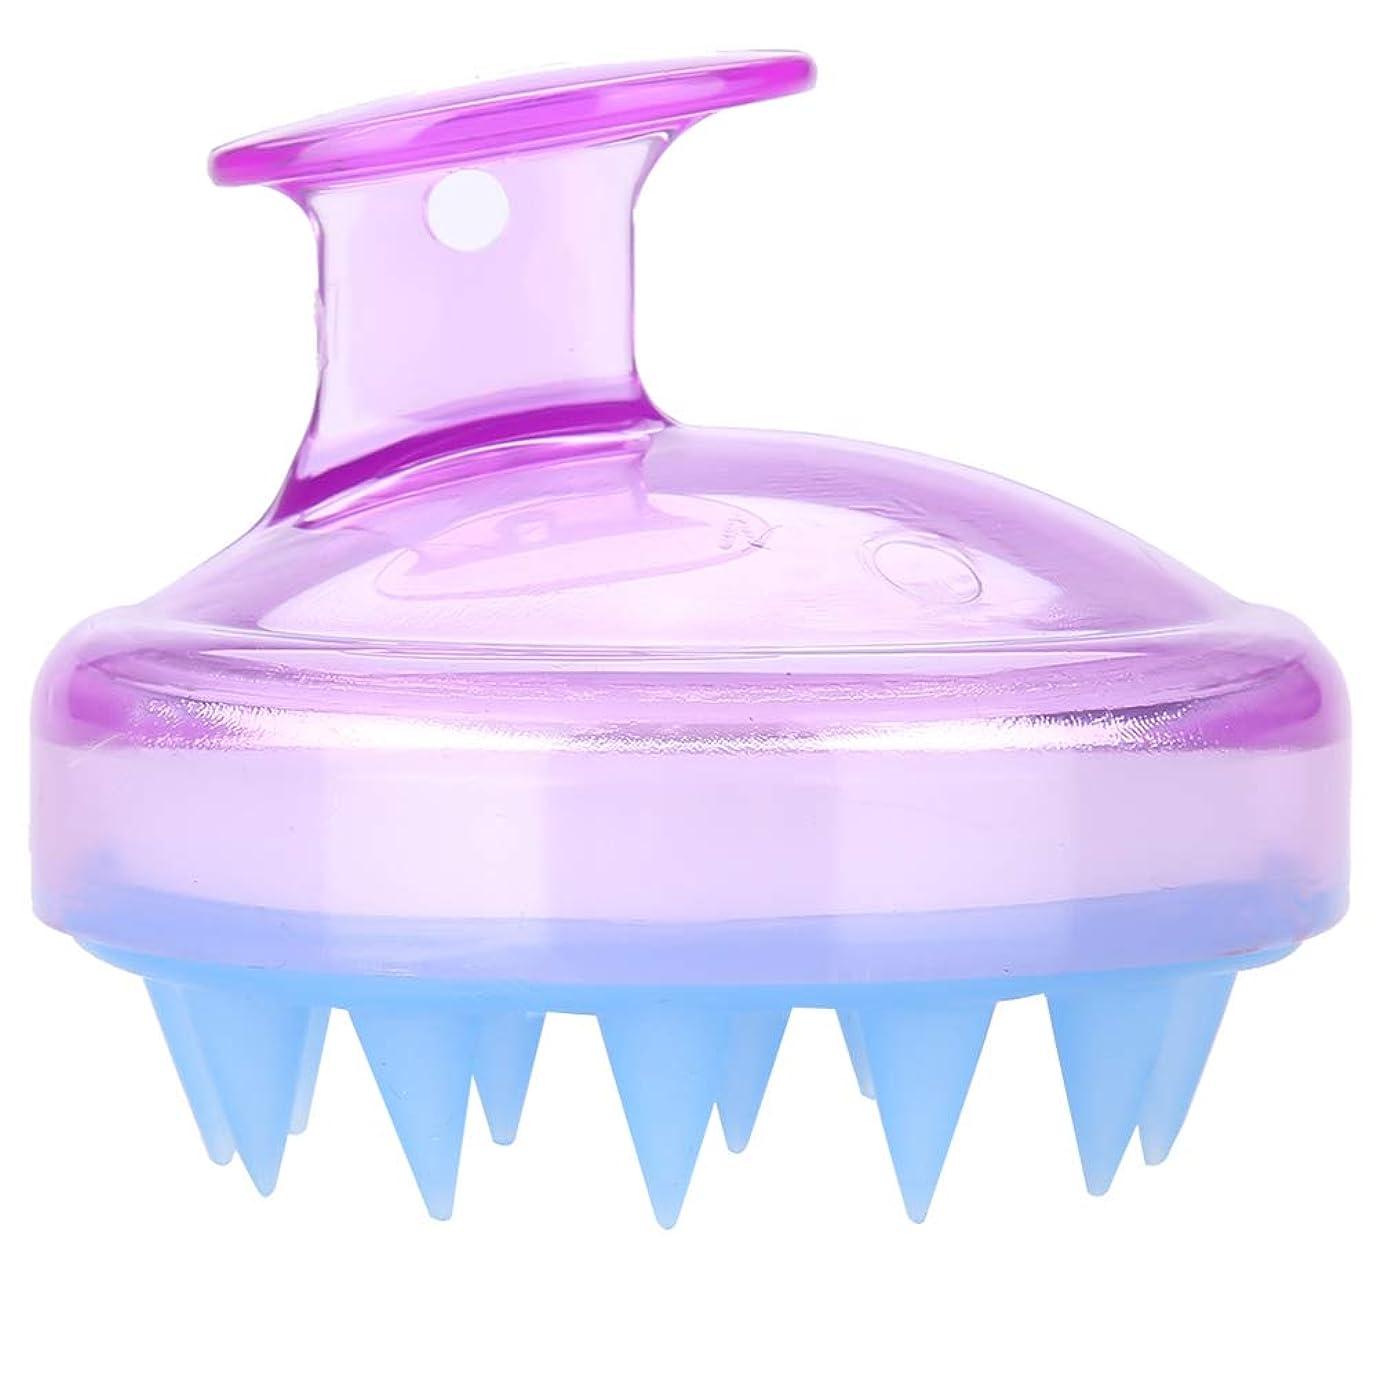 ハーネス熟した建築5色マッサージャーヘッド - スカルプマッサージャー、マッサージャーブラシヘッドシャンプー - ボディ洗浄マッサージャーのためのシャワーブラシ(紫の)